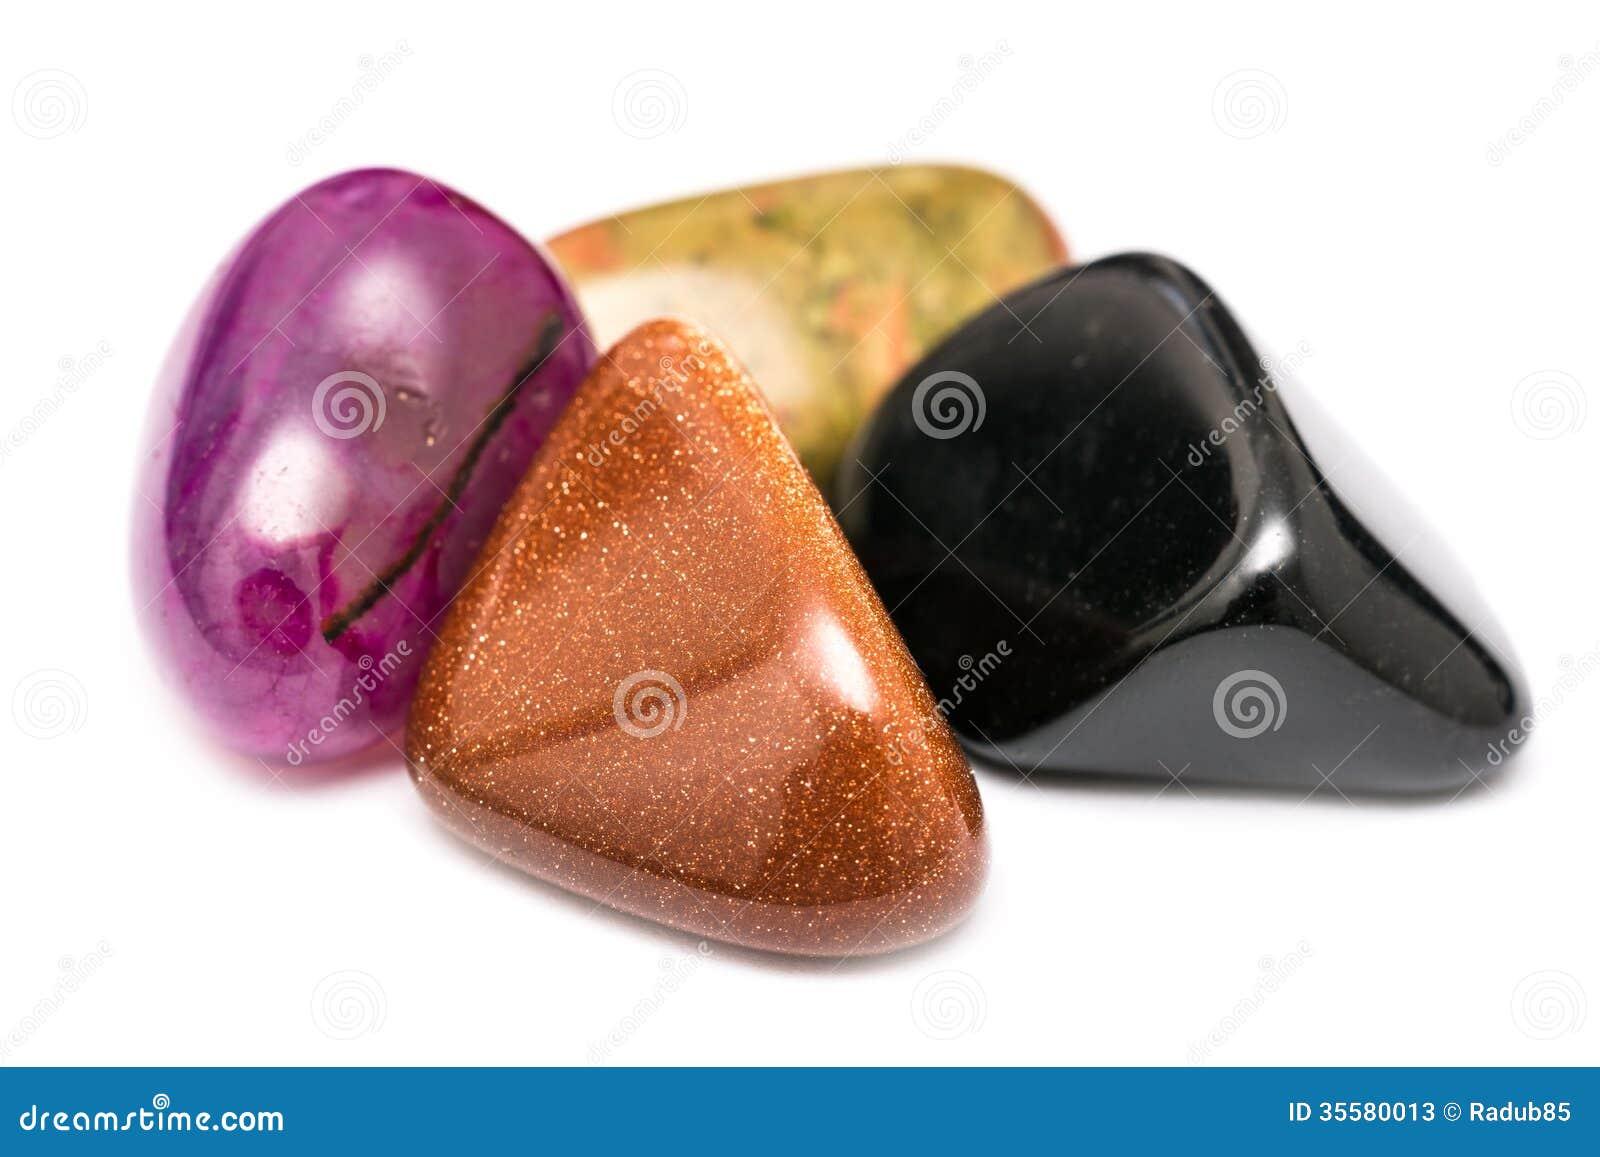 Piedras brillantes semipreciosas naturales fotos de for Piedras naturales